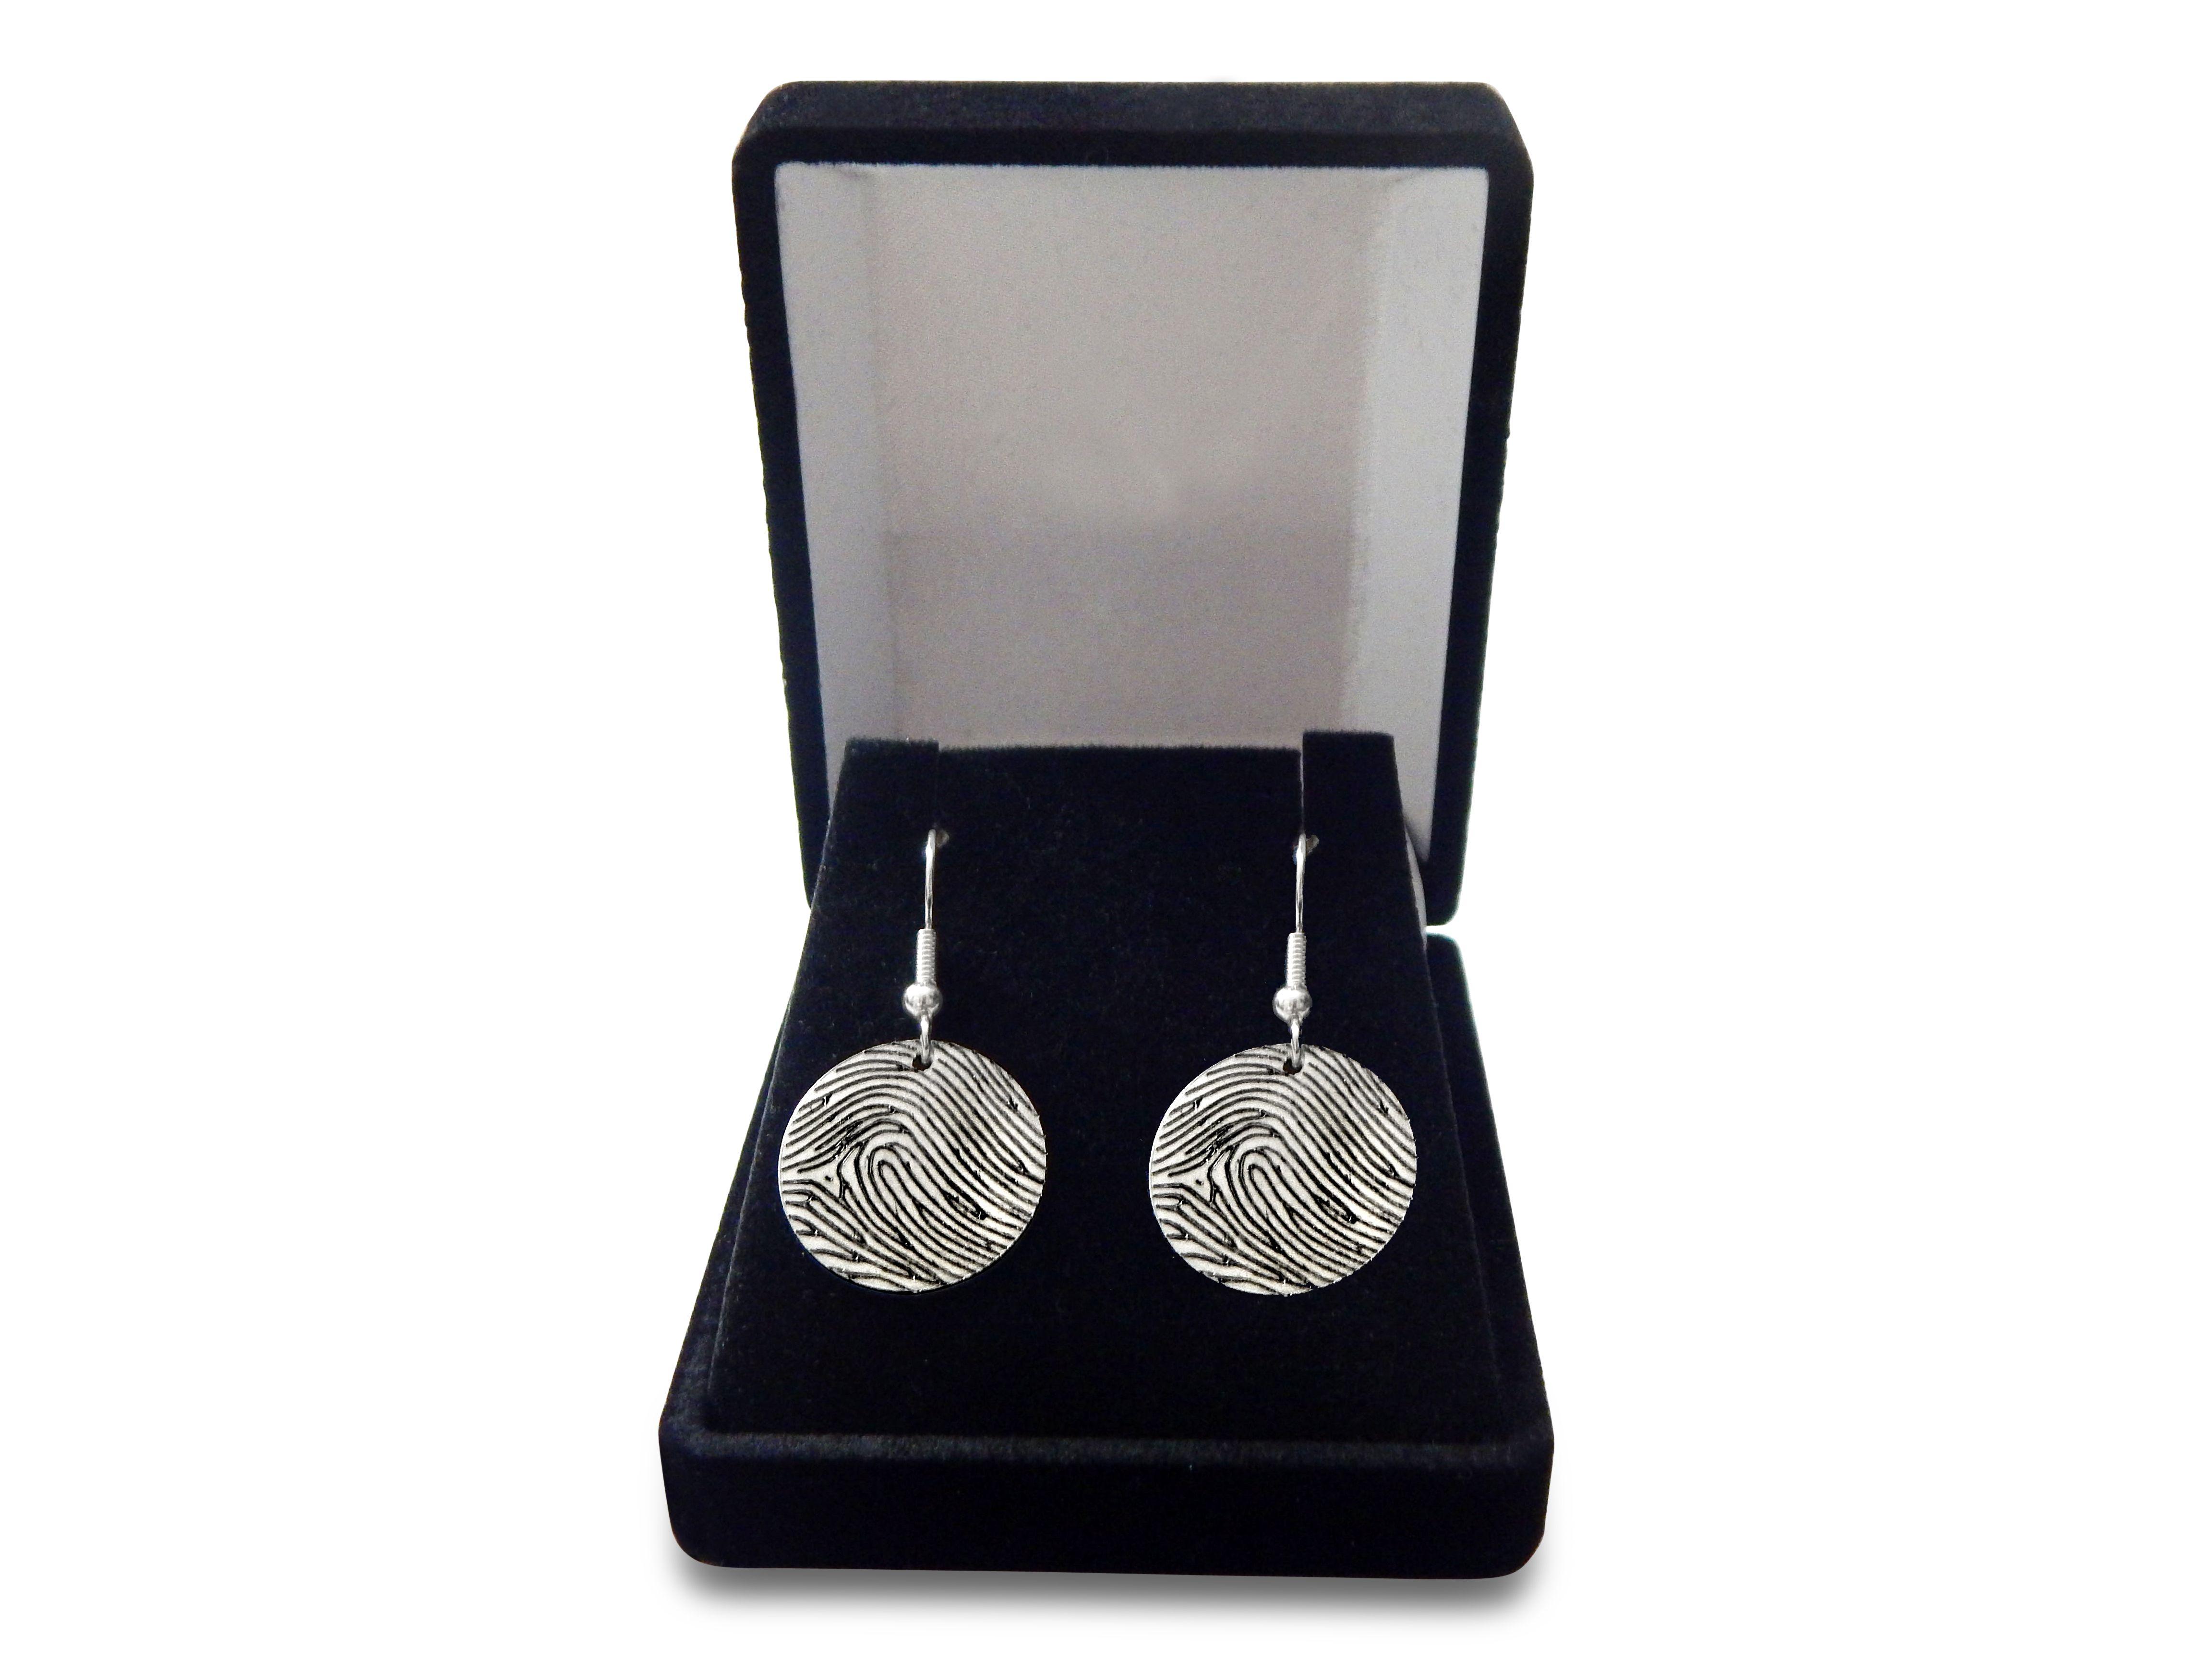 Luxurious Black Velvet Jewelry Box comes with Fingerprint Earrings